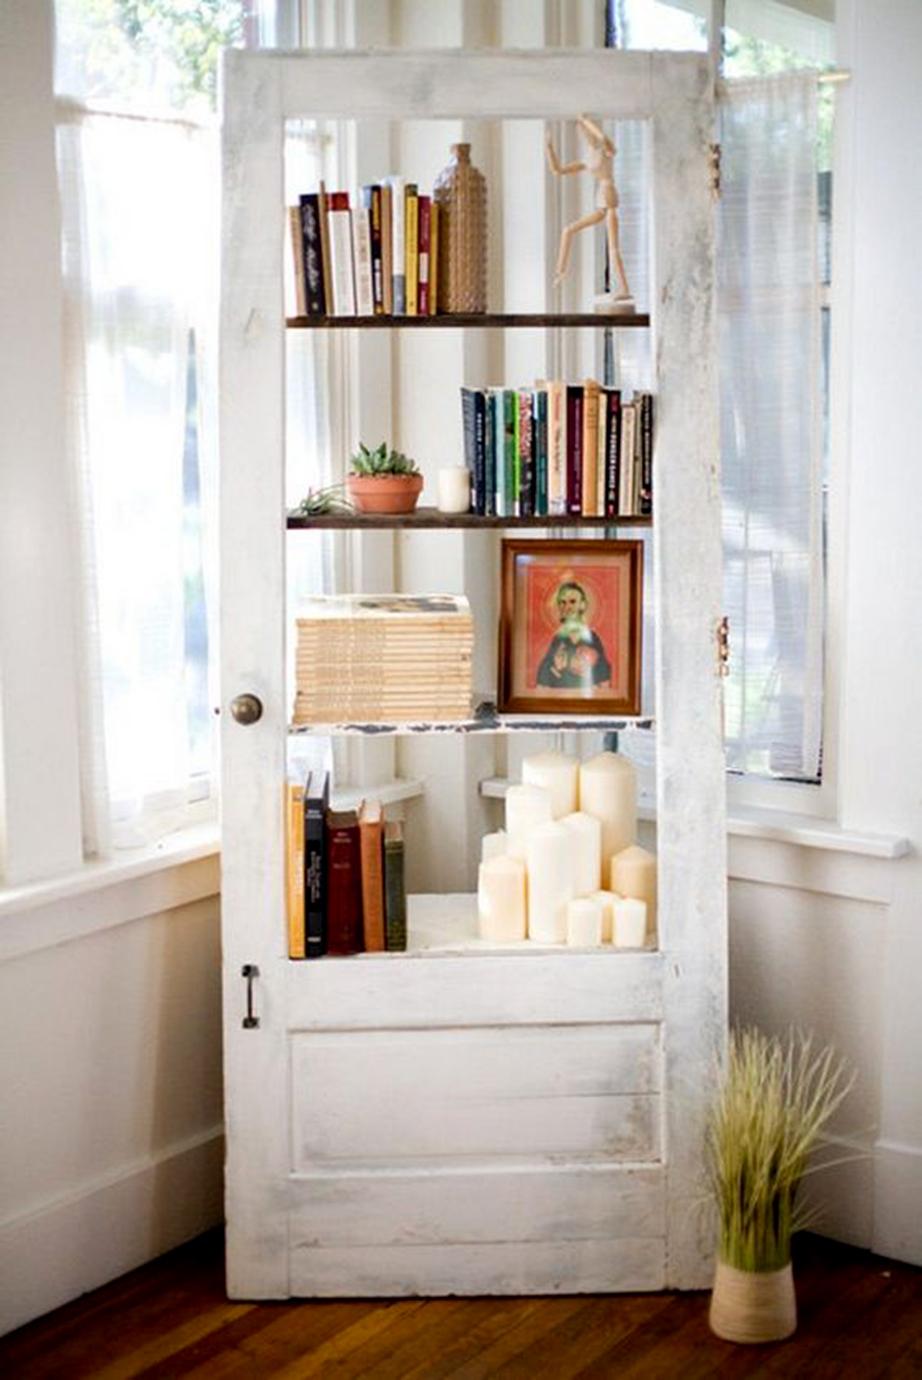 Μια πόρτα που σε βιβλιοθήκη μετατράπηκε απλώς προσθέτοντας μερικά ράφια από την εσωτερική, όπως την βλέπουμε, μεριά.